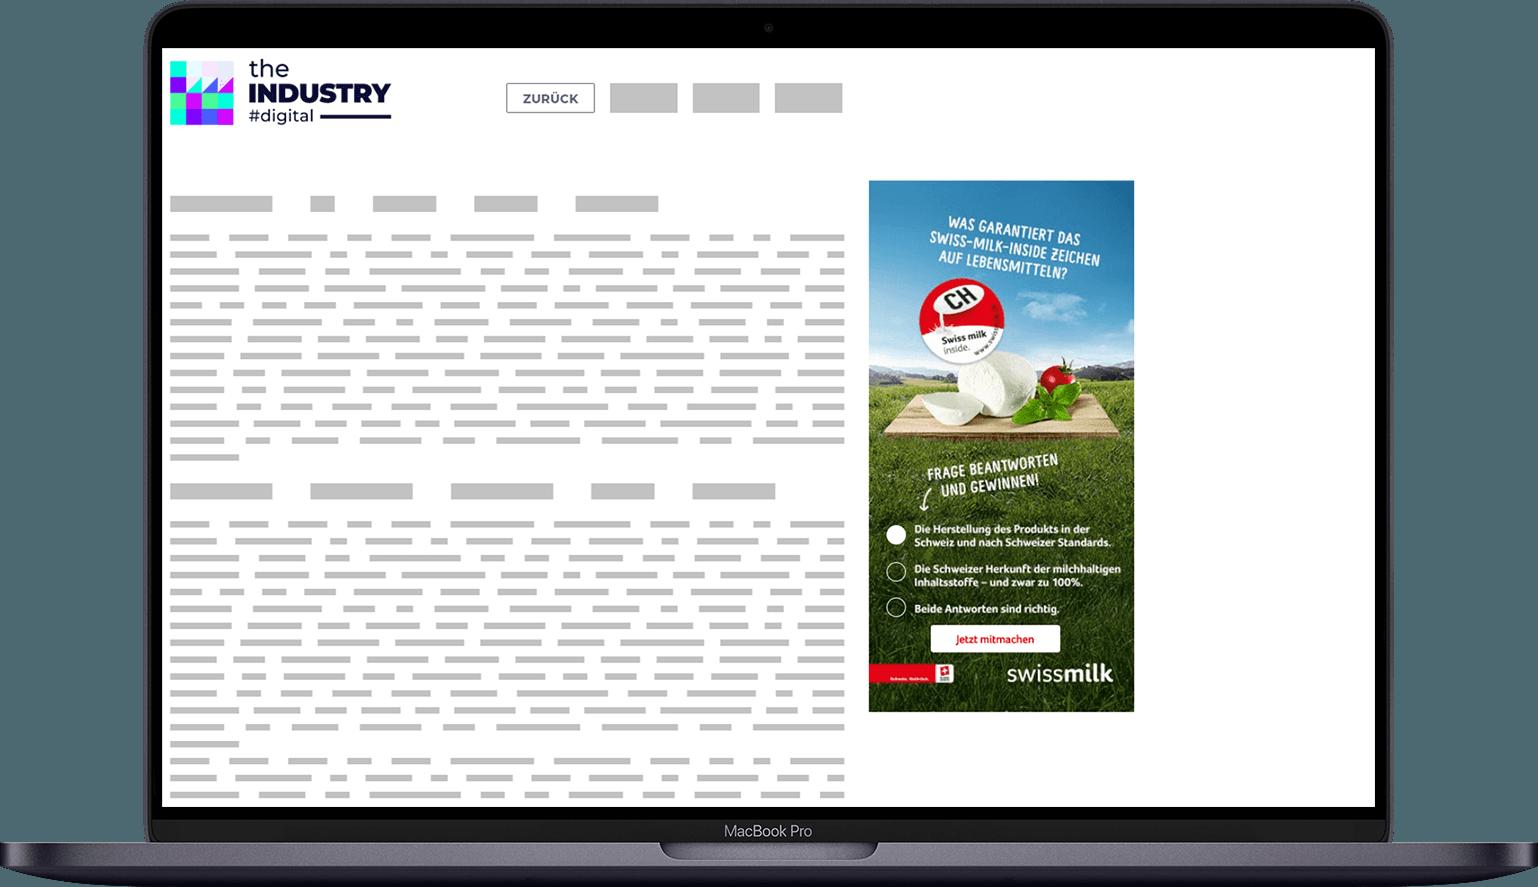 Das Bild zeigt ein Halfpage AD Response Quiz von Swissmilk